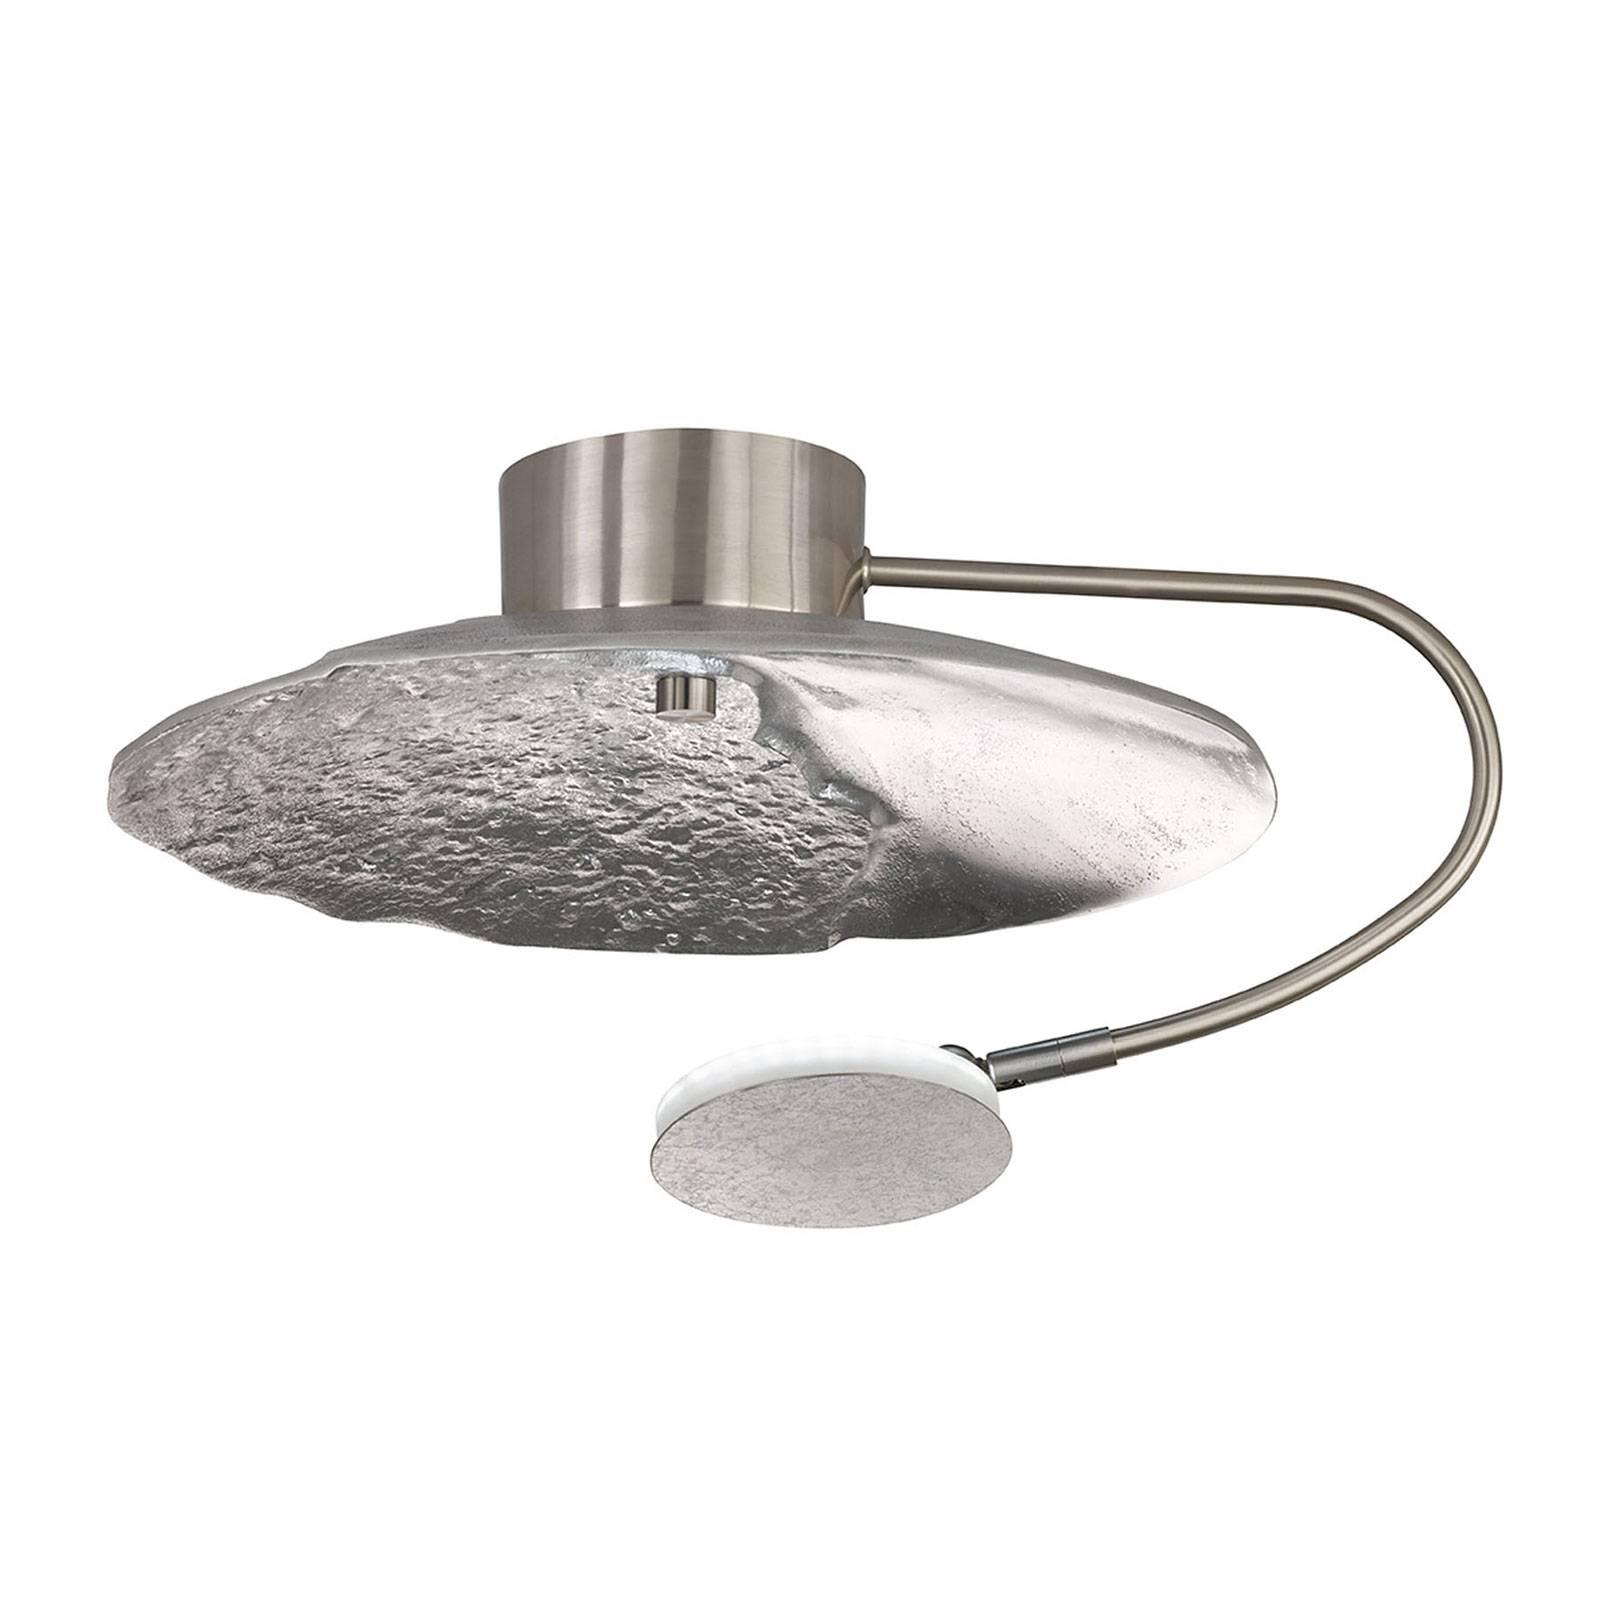 LED-kattovalaisin Rennes kaukosäätimellä, Ø 38 cm